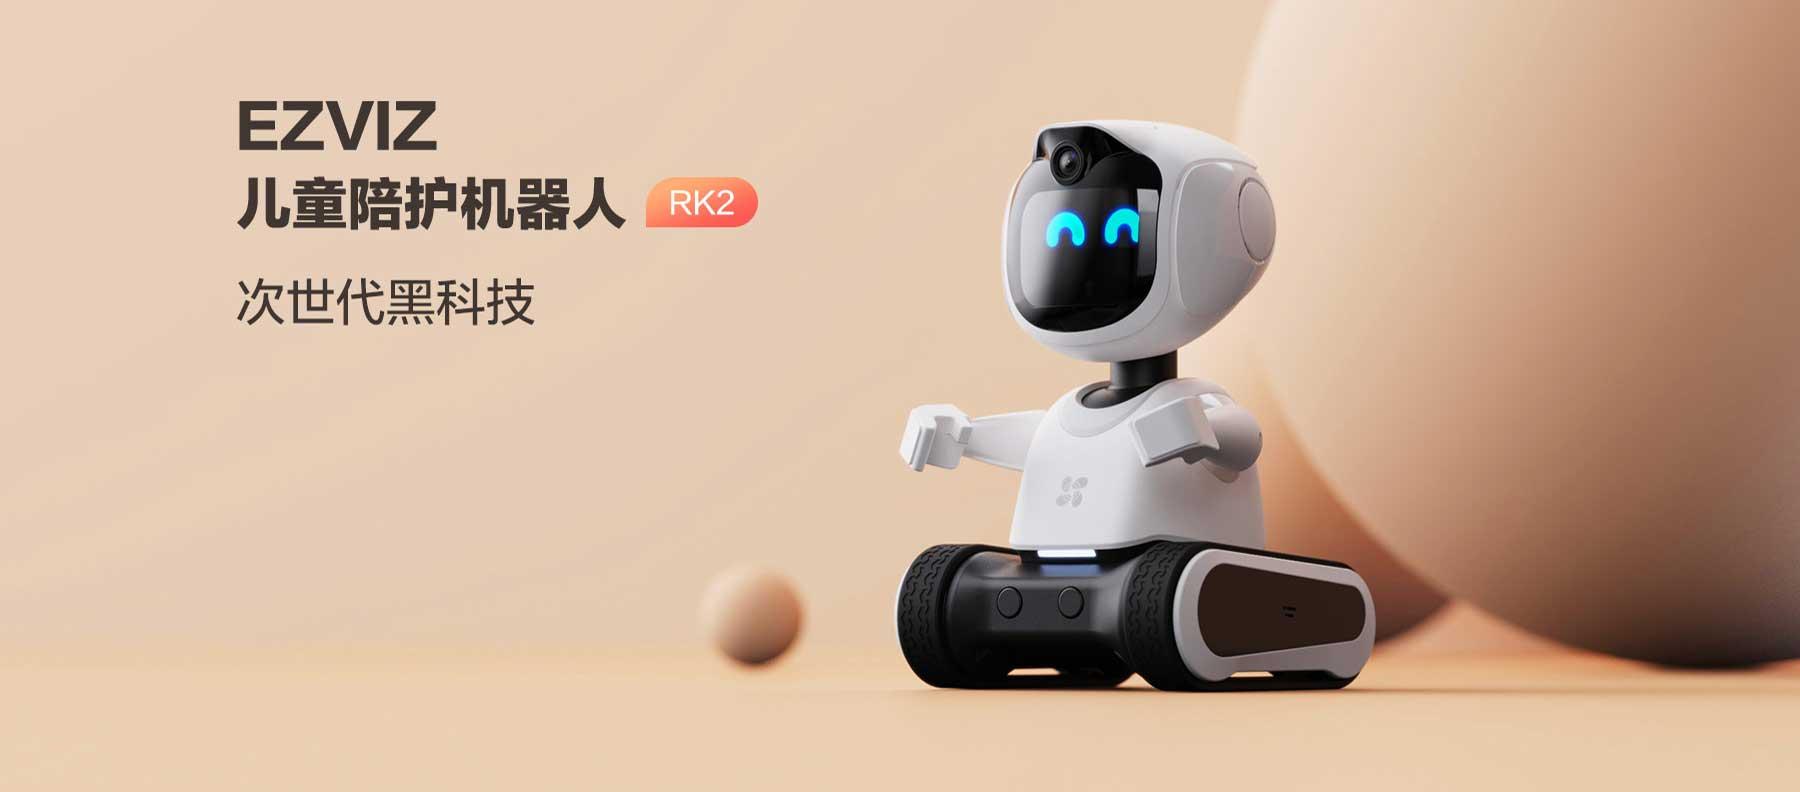 新品丨 萤石儿童陪护机器人RK-2,让成长更有AI